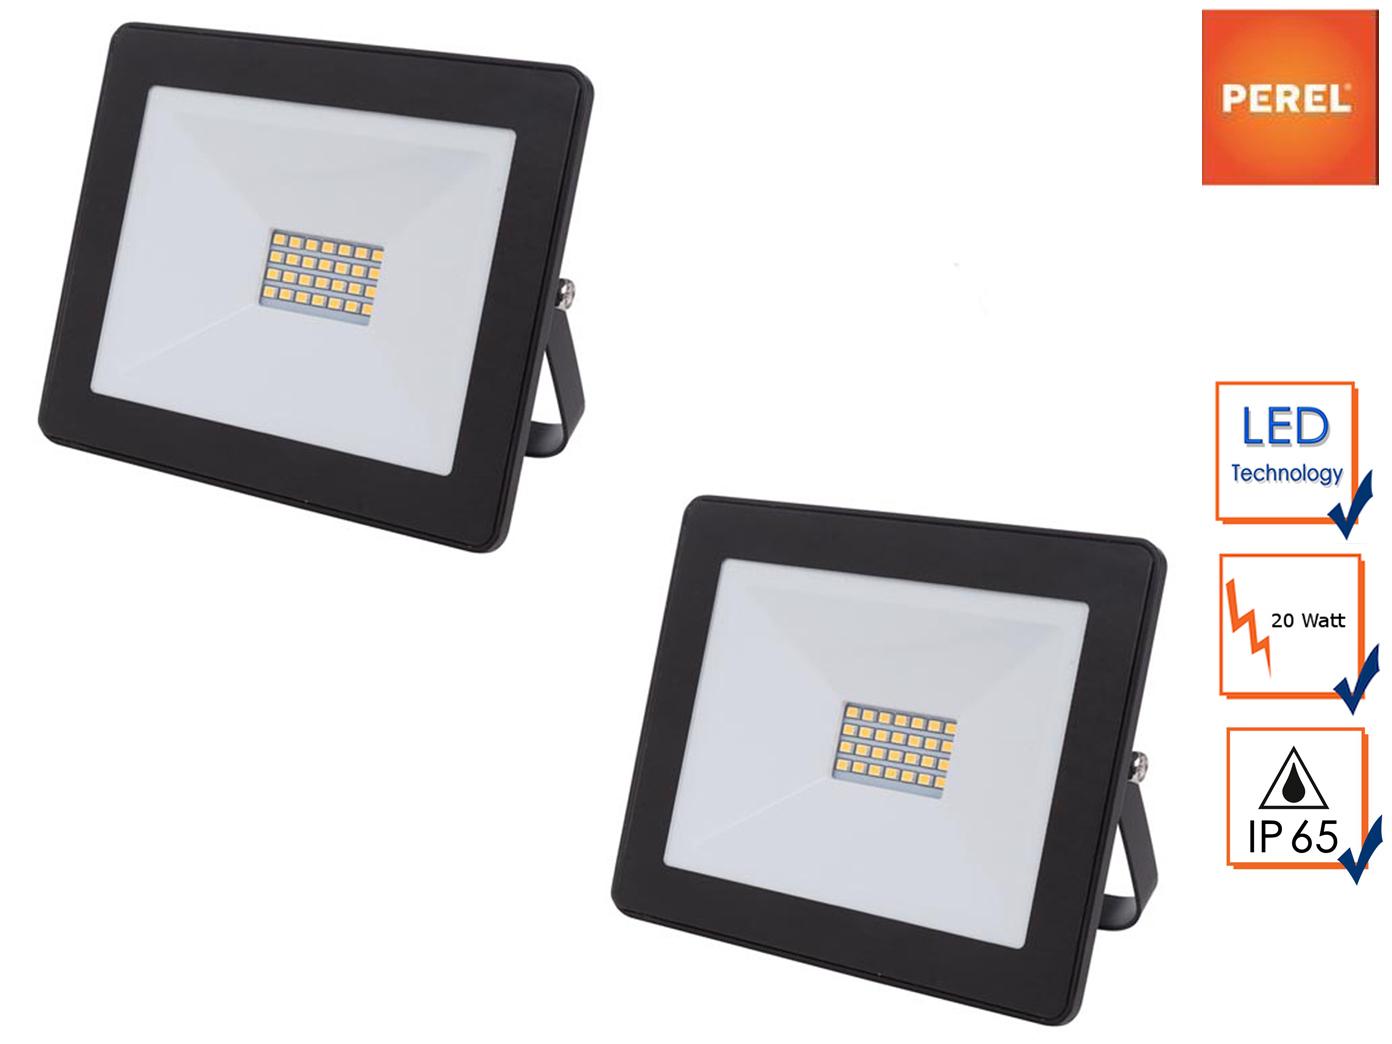 2er Set Perel 20W LED Arbeitsleuchten klein, Baustrahler Flutlicht Scheinwerfer